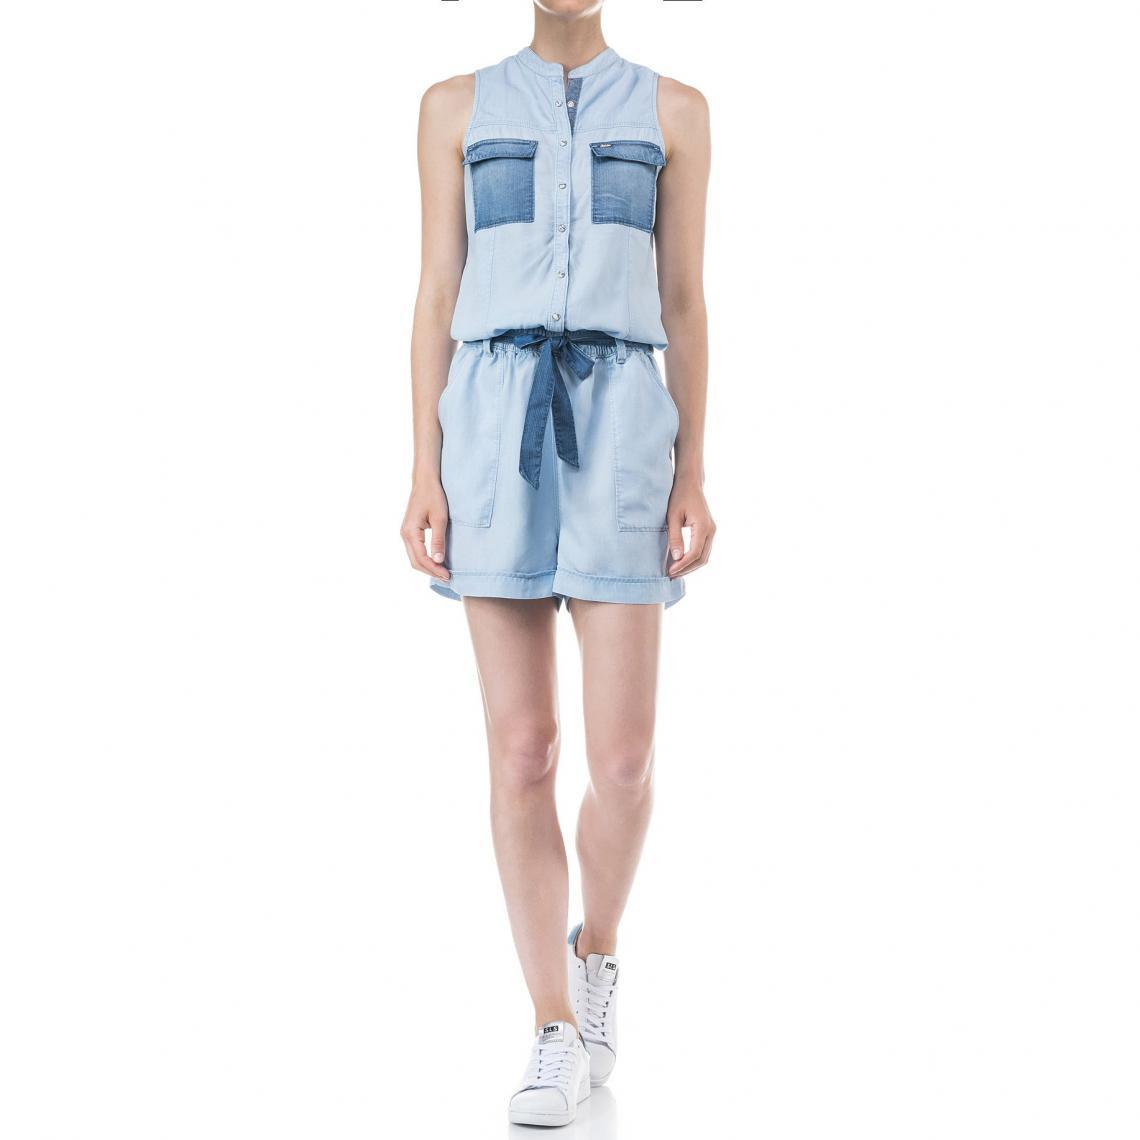 Jean Bleu3 Short Salsa Bicolore Combinaison En Suisses Femme vnOw8mN0